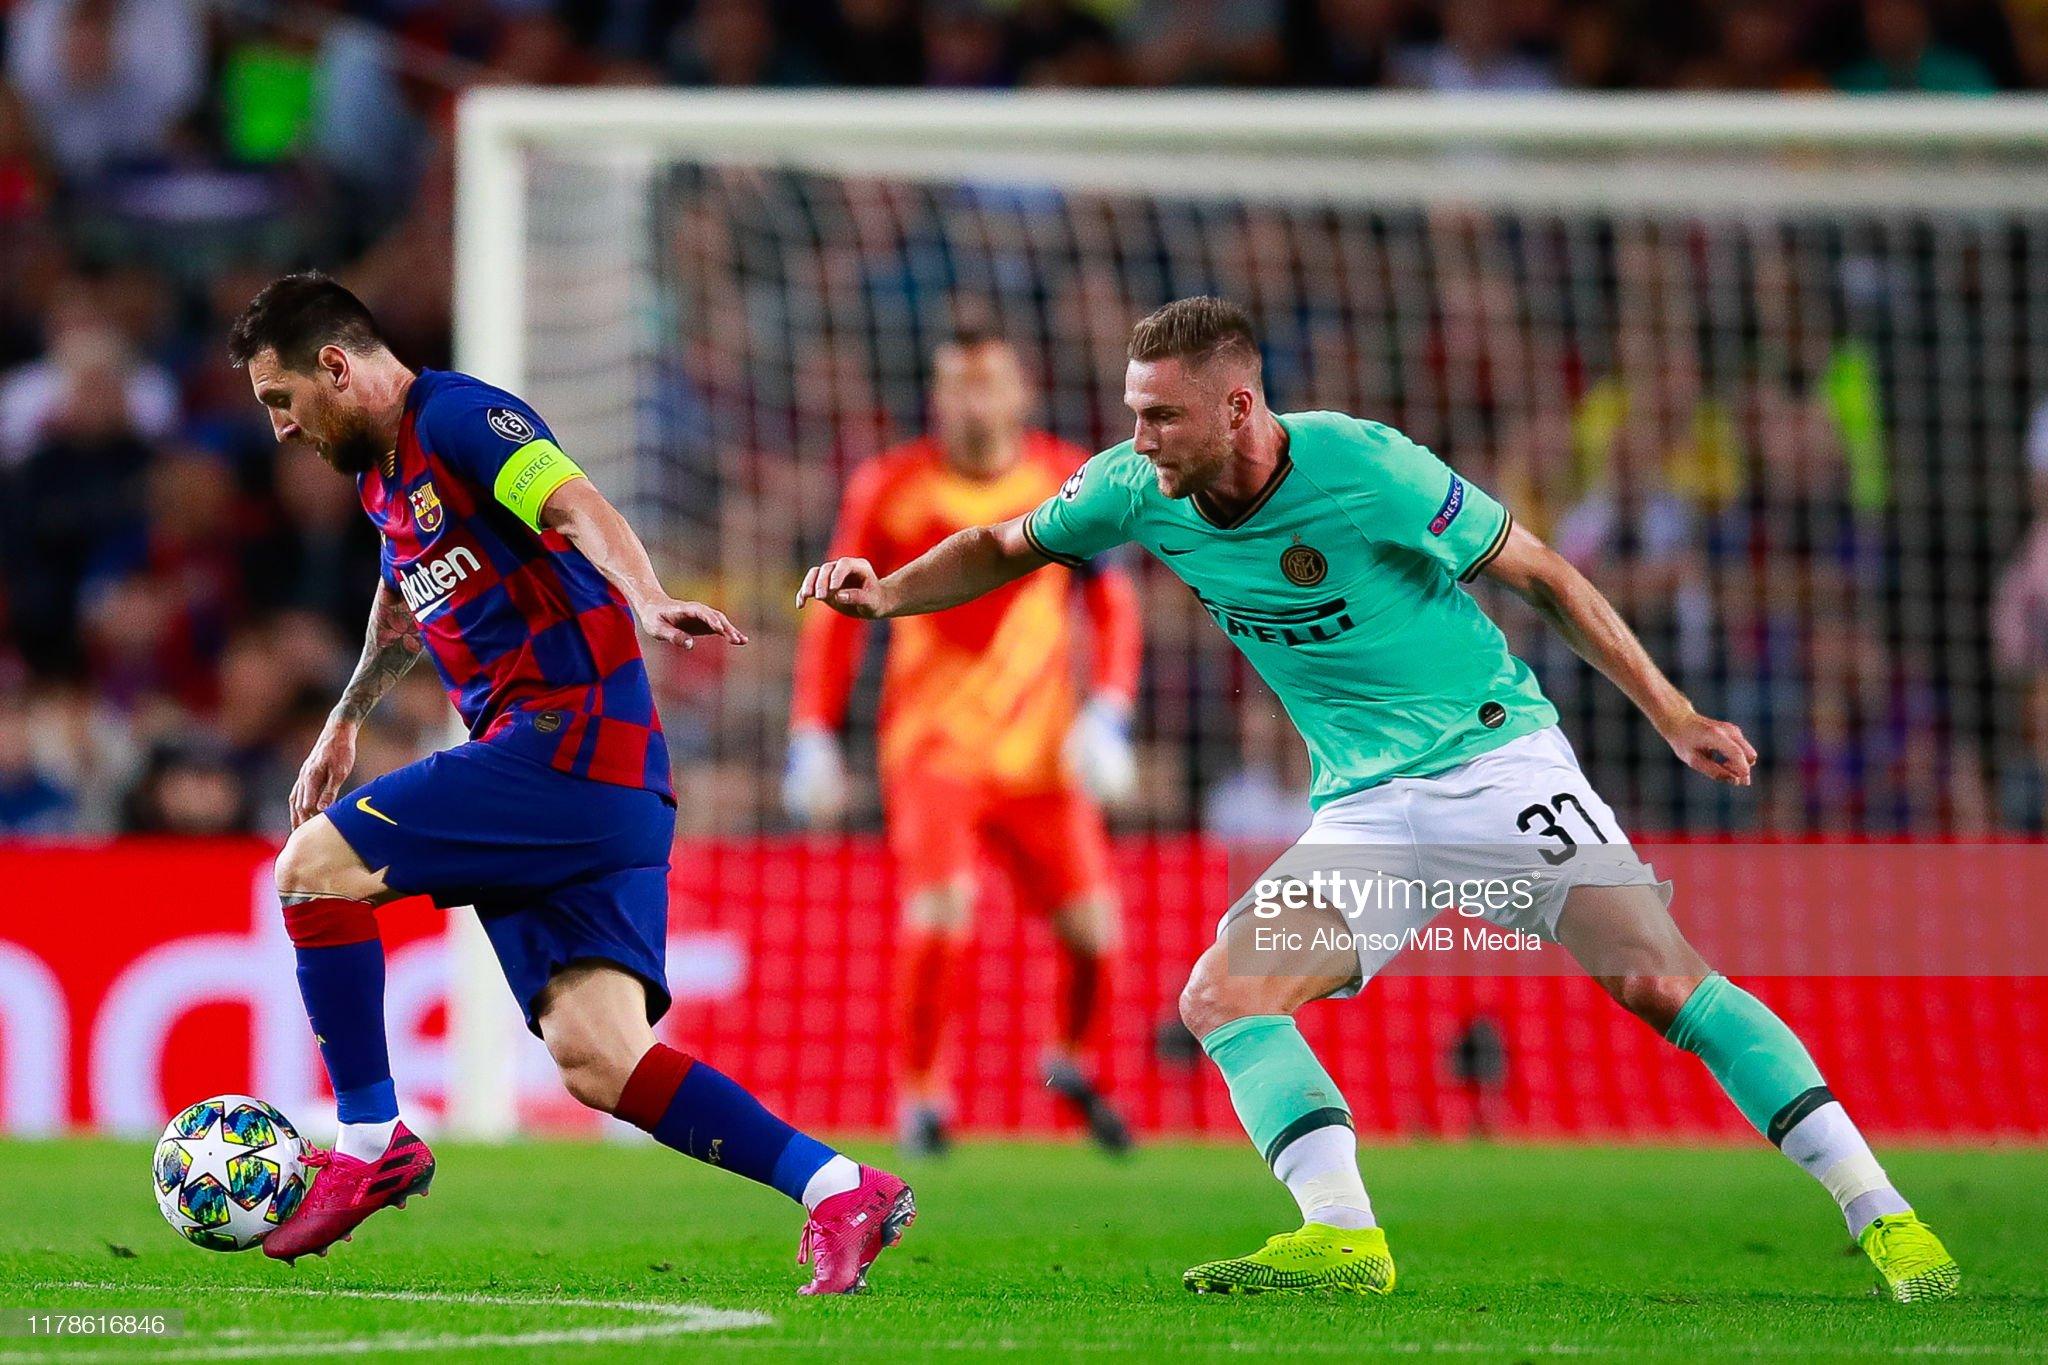 صور مباراة : برشلونة - إنتر 2-1 ( 02-10-2019 )  Lionel-messi-of-fc-barcelona-controls-the-ball-during-the-uefa-f-picture-id1178616846?s=2048x2048